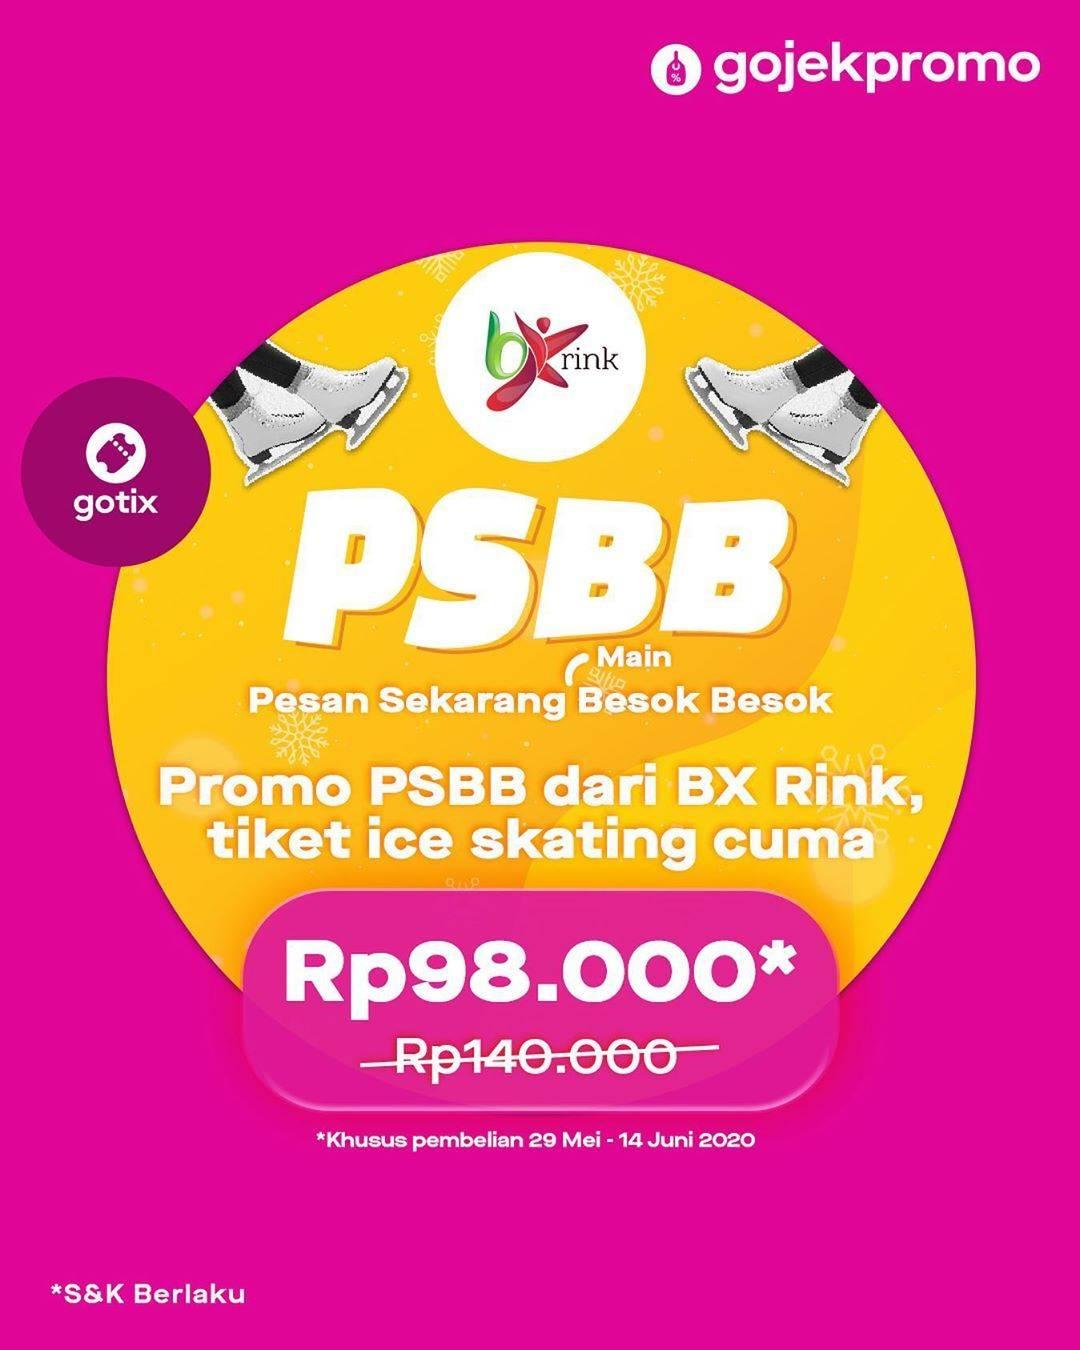 Diskon Promo PSBB Dari BX Rink Tiket Ice Skating Cuma Rp. 98.000 Untuk Pemesanan Melalui Gotix